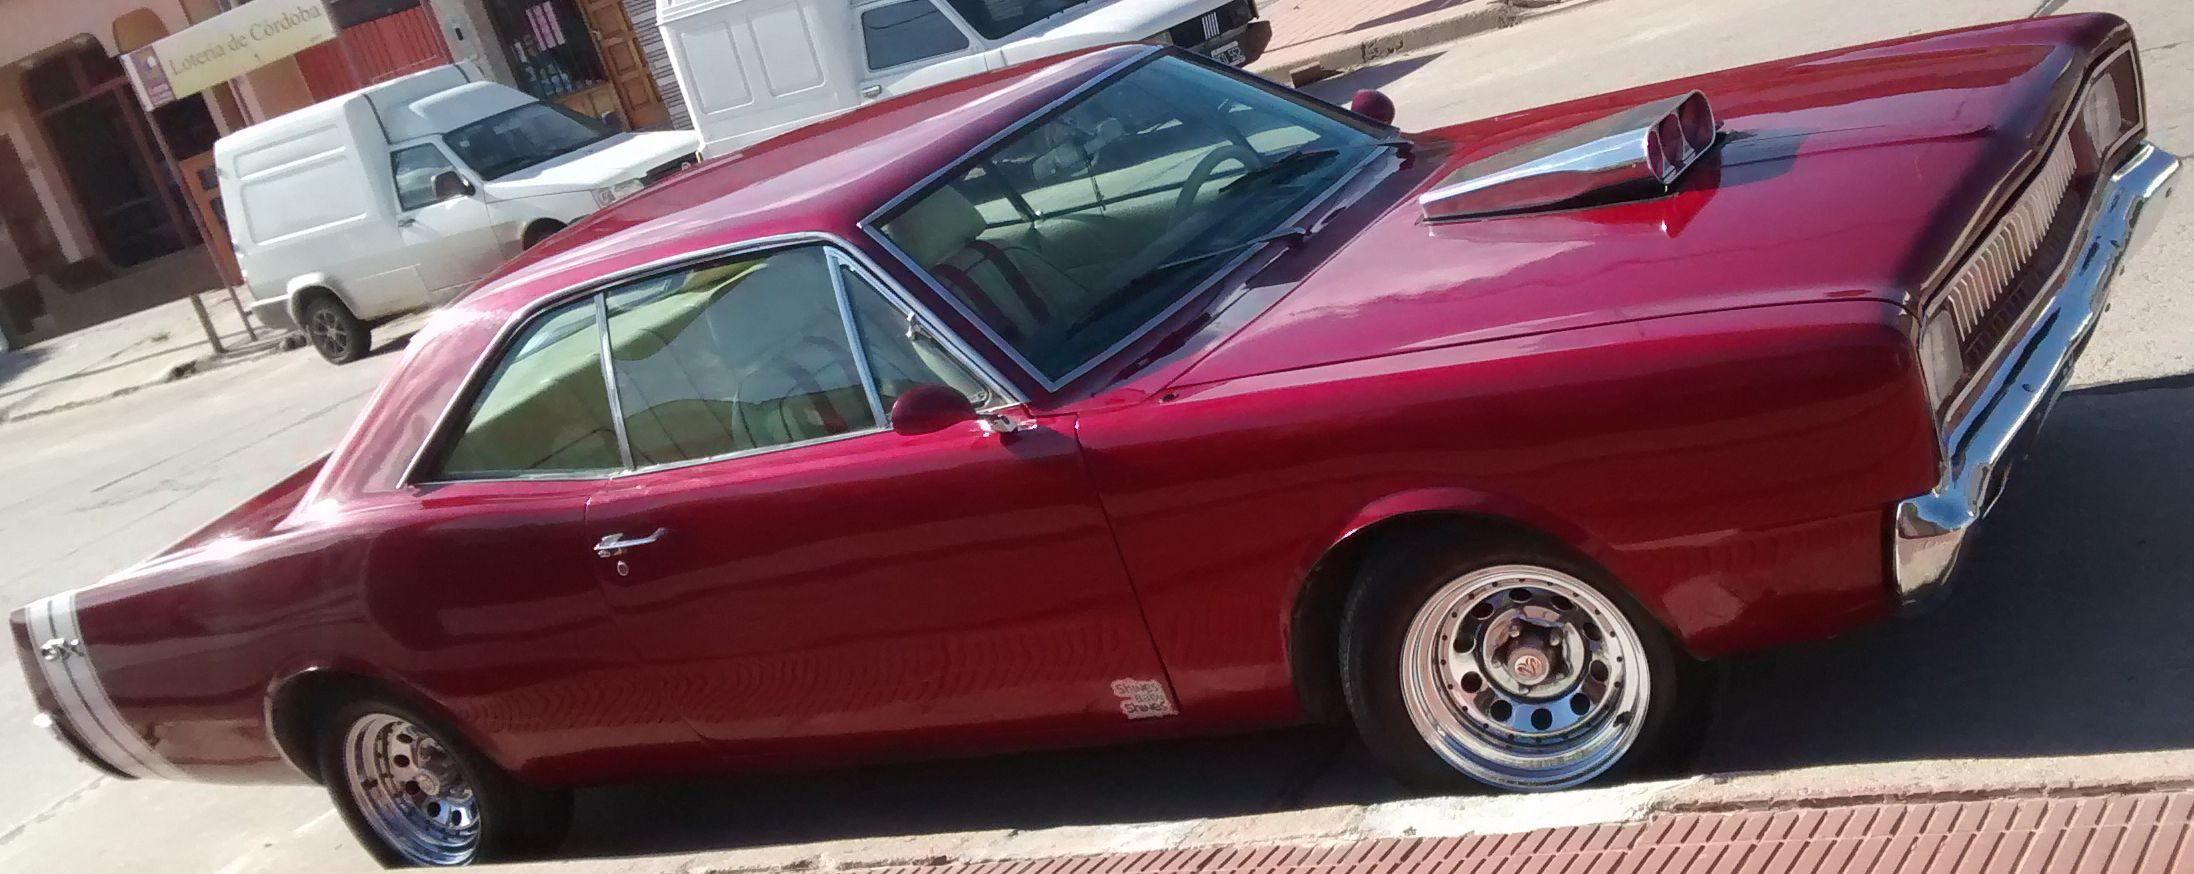 Dodge Gtx V8 1973 Http Www Arcar Org Dodge Gtx V8 76442 Siambretta Autos Autos Clasicos